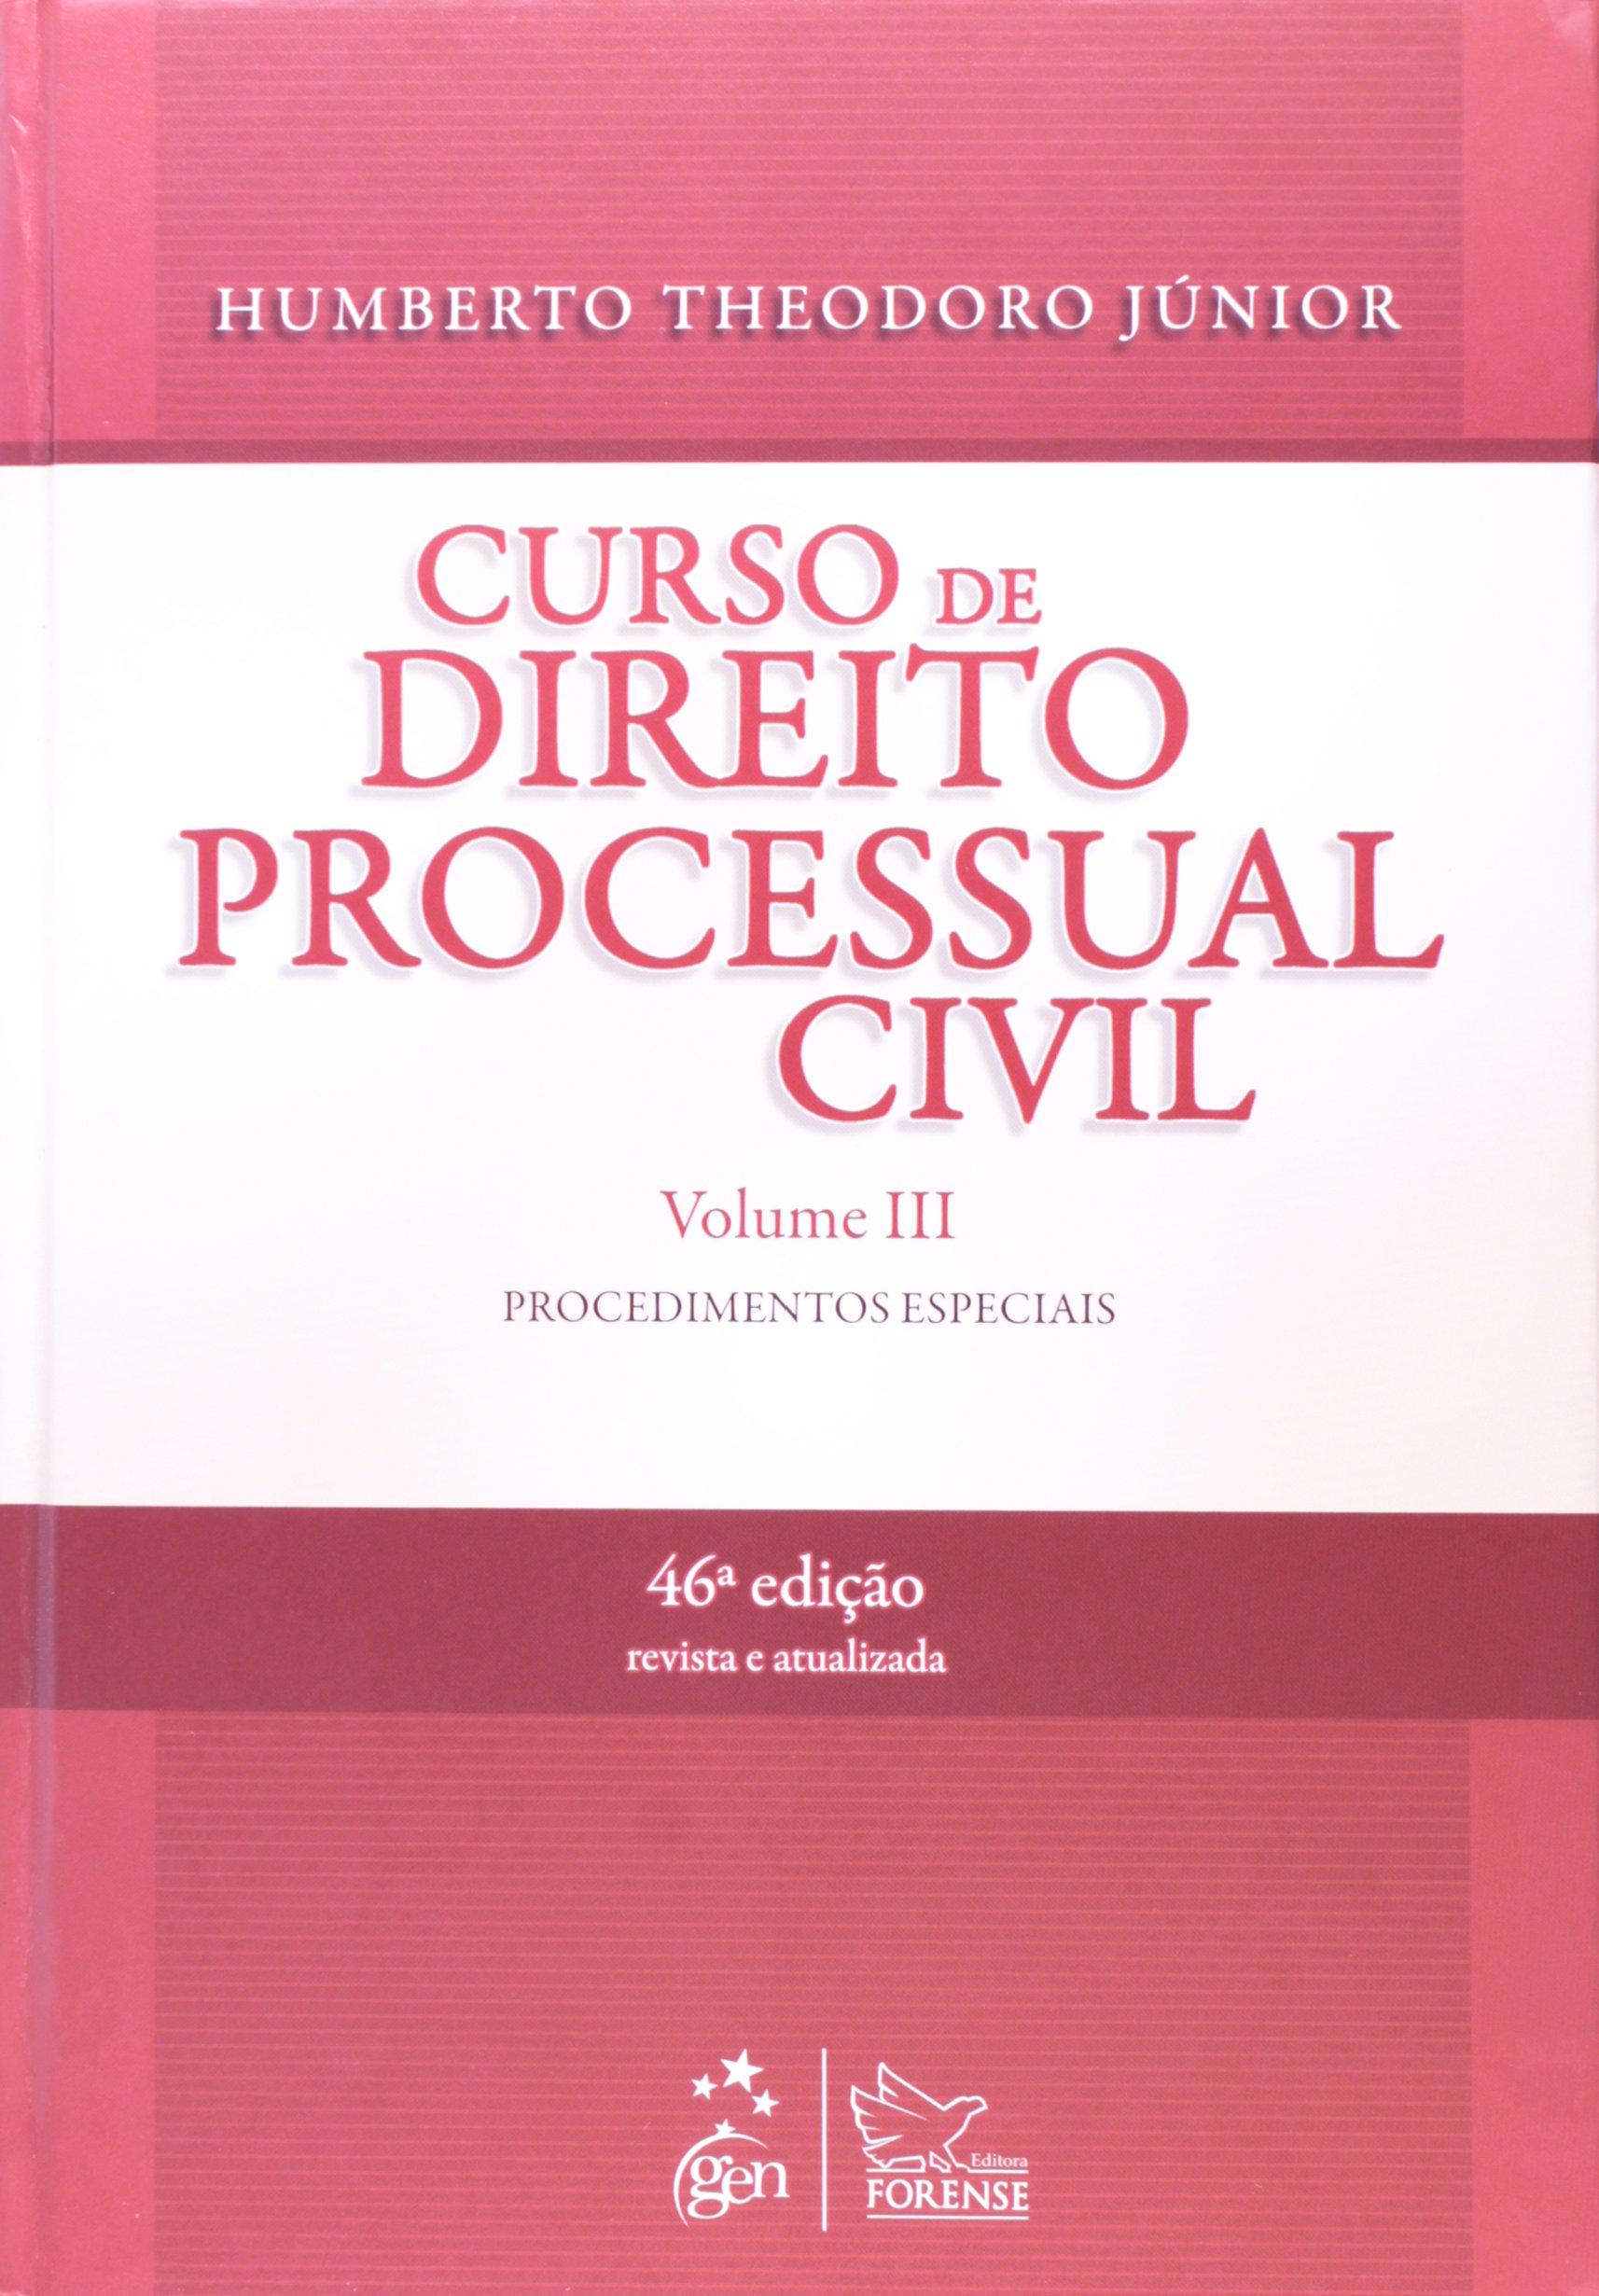 Civil theodoro de curso pdf direito junior processual humberto